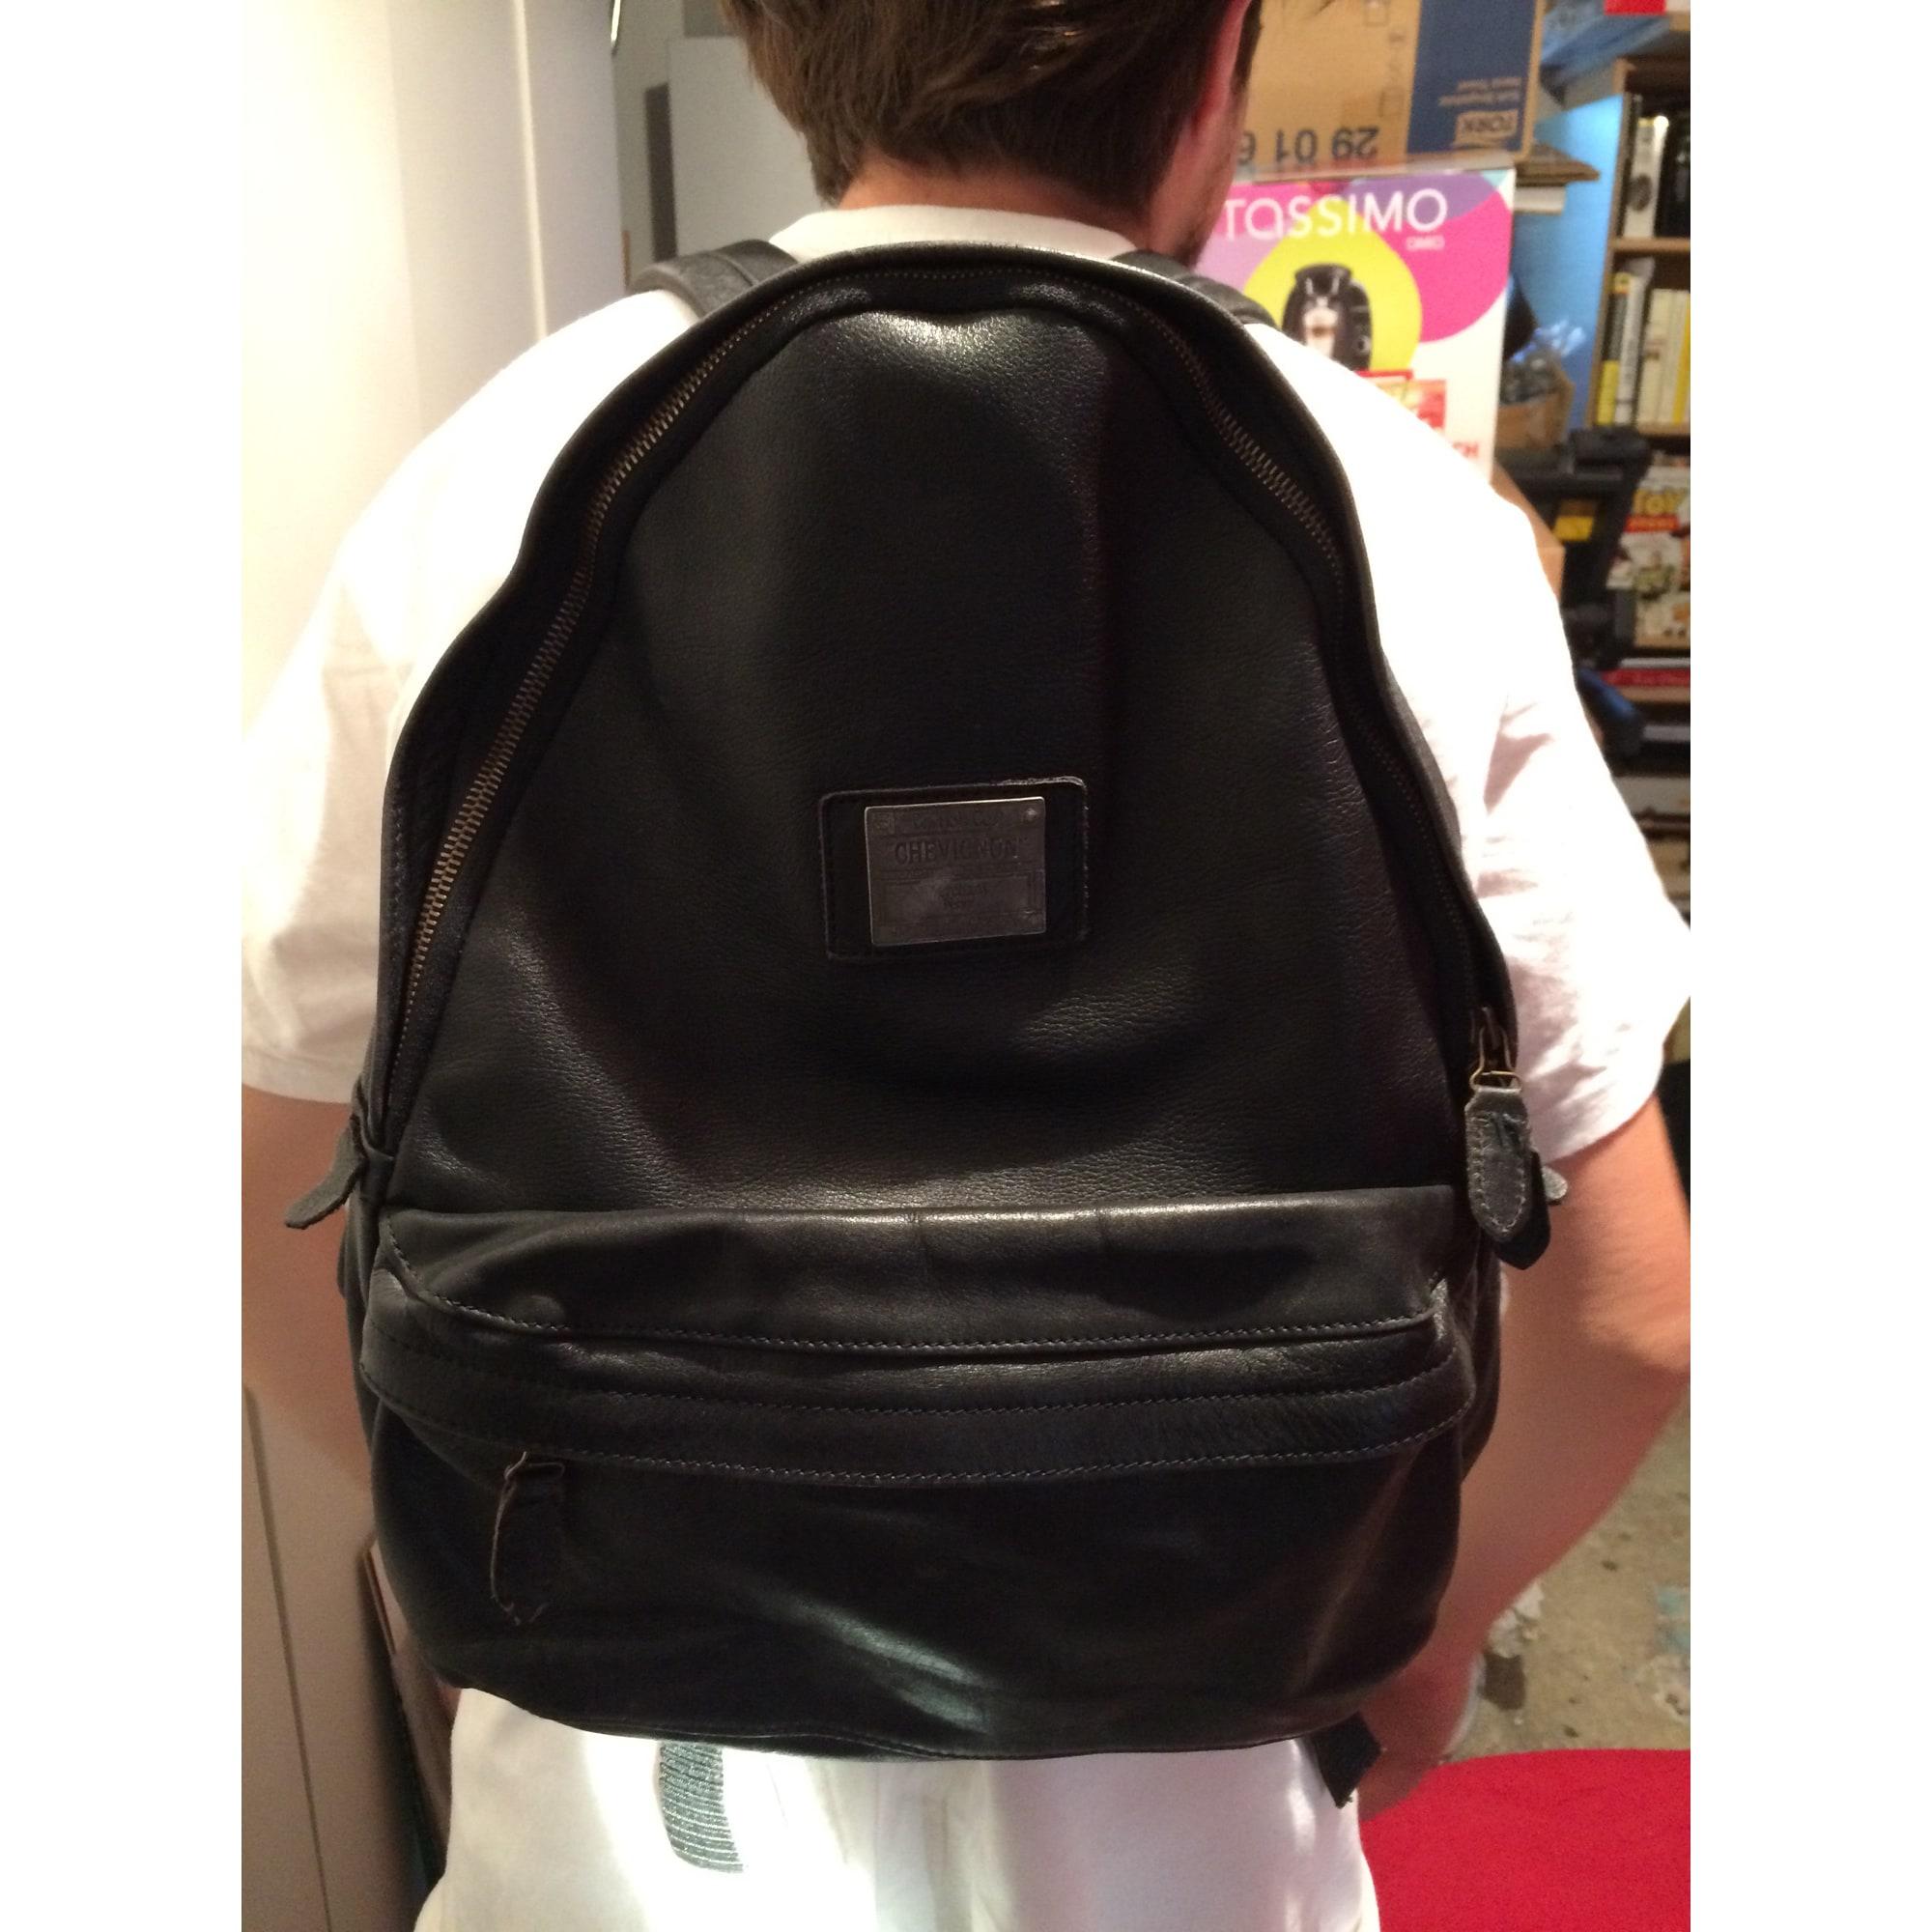 b6ce3d5d03d Sac à dos CHEVIGNON noir vendu par Le bouddha chineur - 3923699